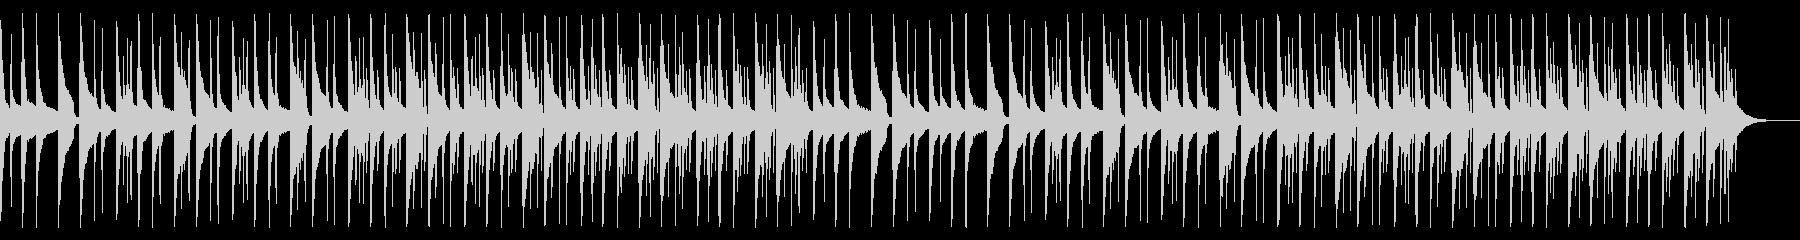 怪しいオルゴール ベース ドラムラインの未再生の波形